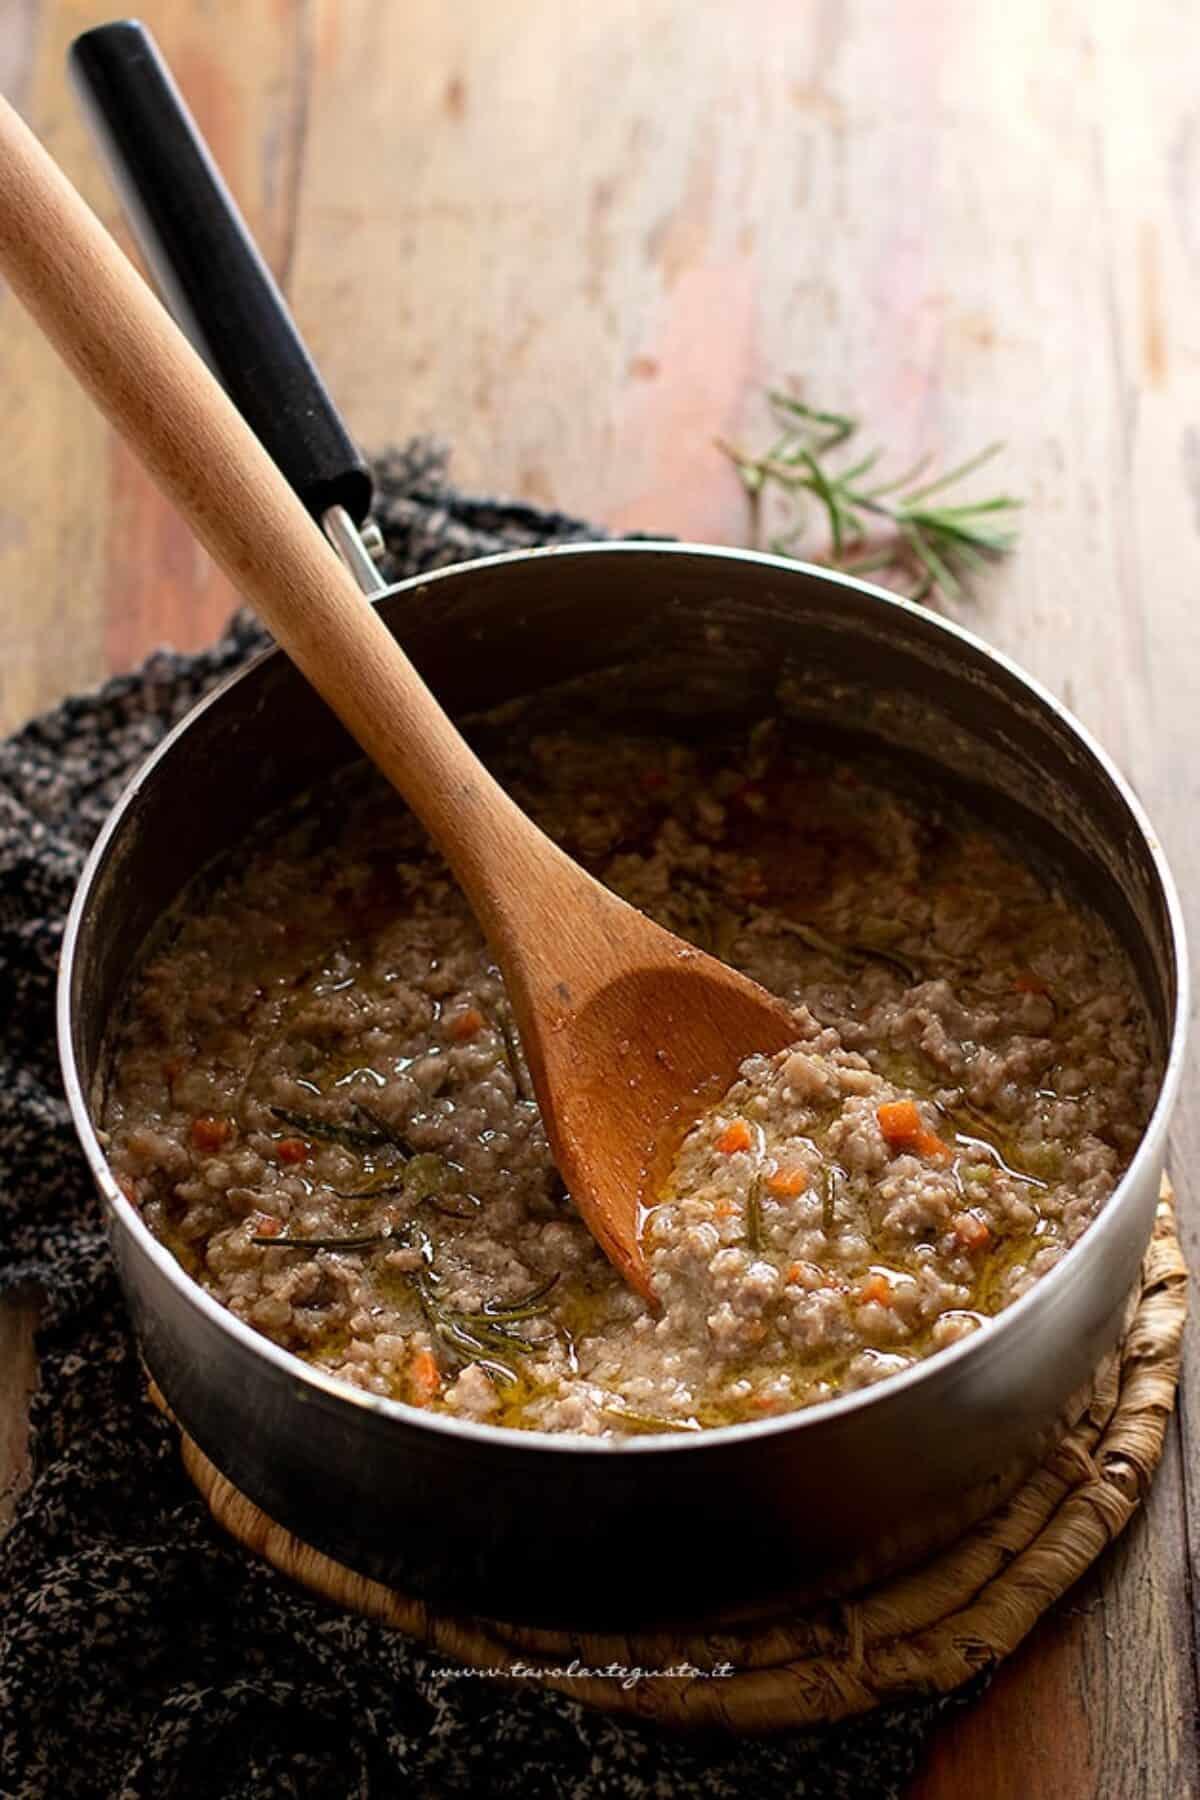 Ricetta Ragu Macinato.Ragu Bianco Ricetta Perfetta E Veloce Per Un Sugo Cremoso E Squisito